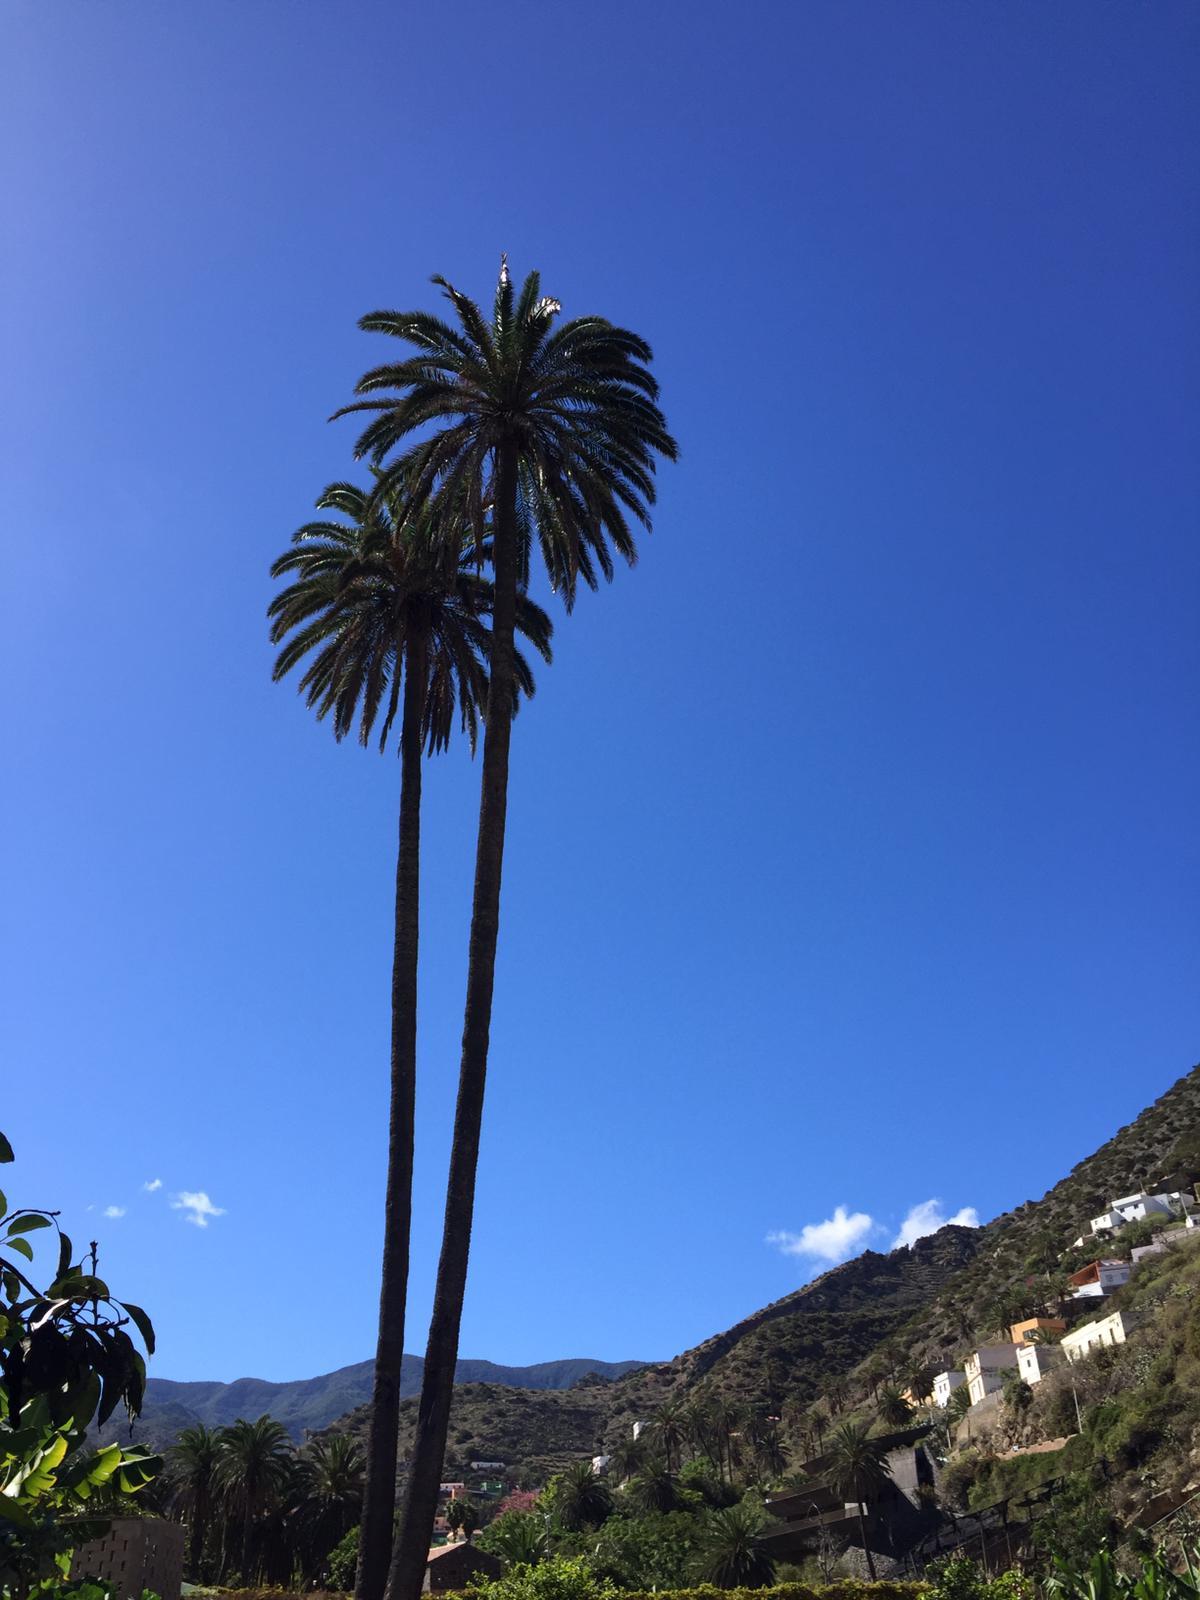 Figura 8 Ejemplares de palmeras imponentes en el Barranco del Risquillo (Vallehermoso)